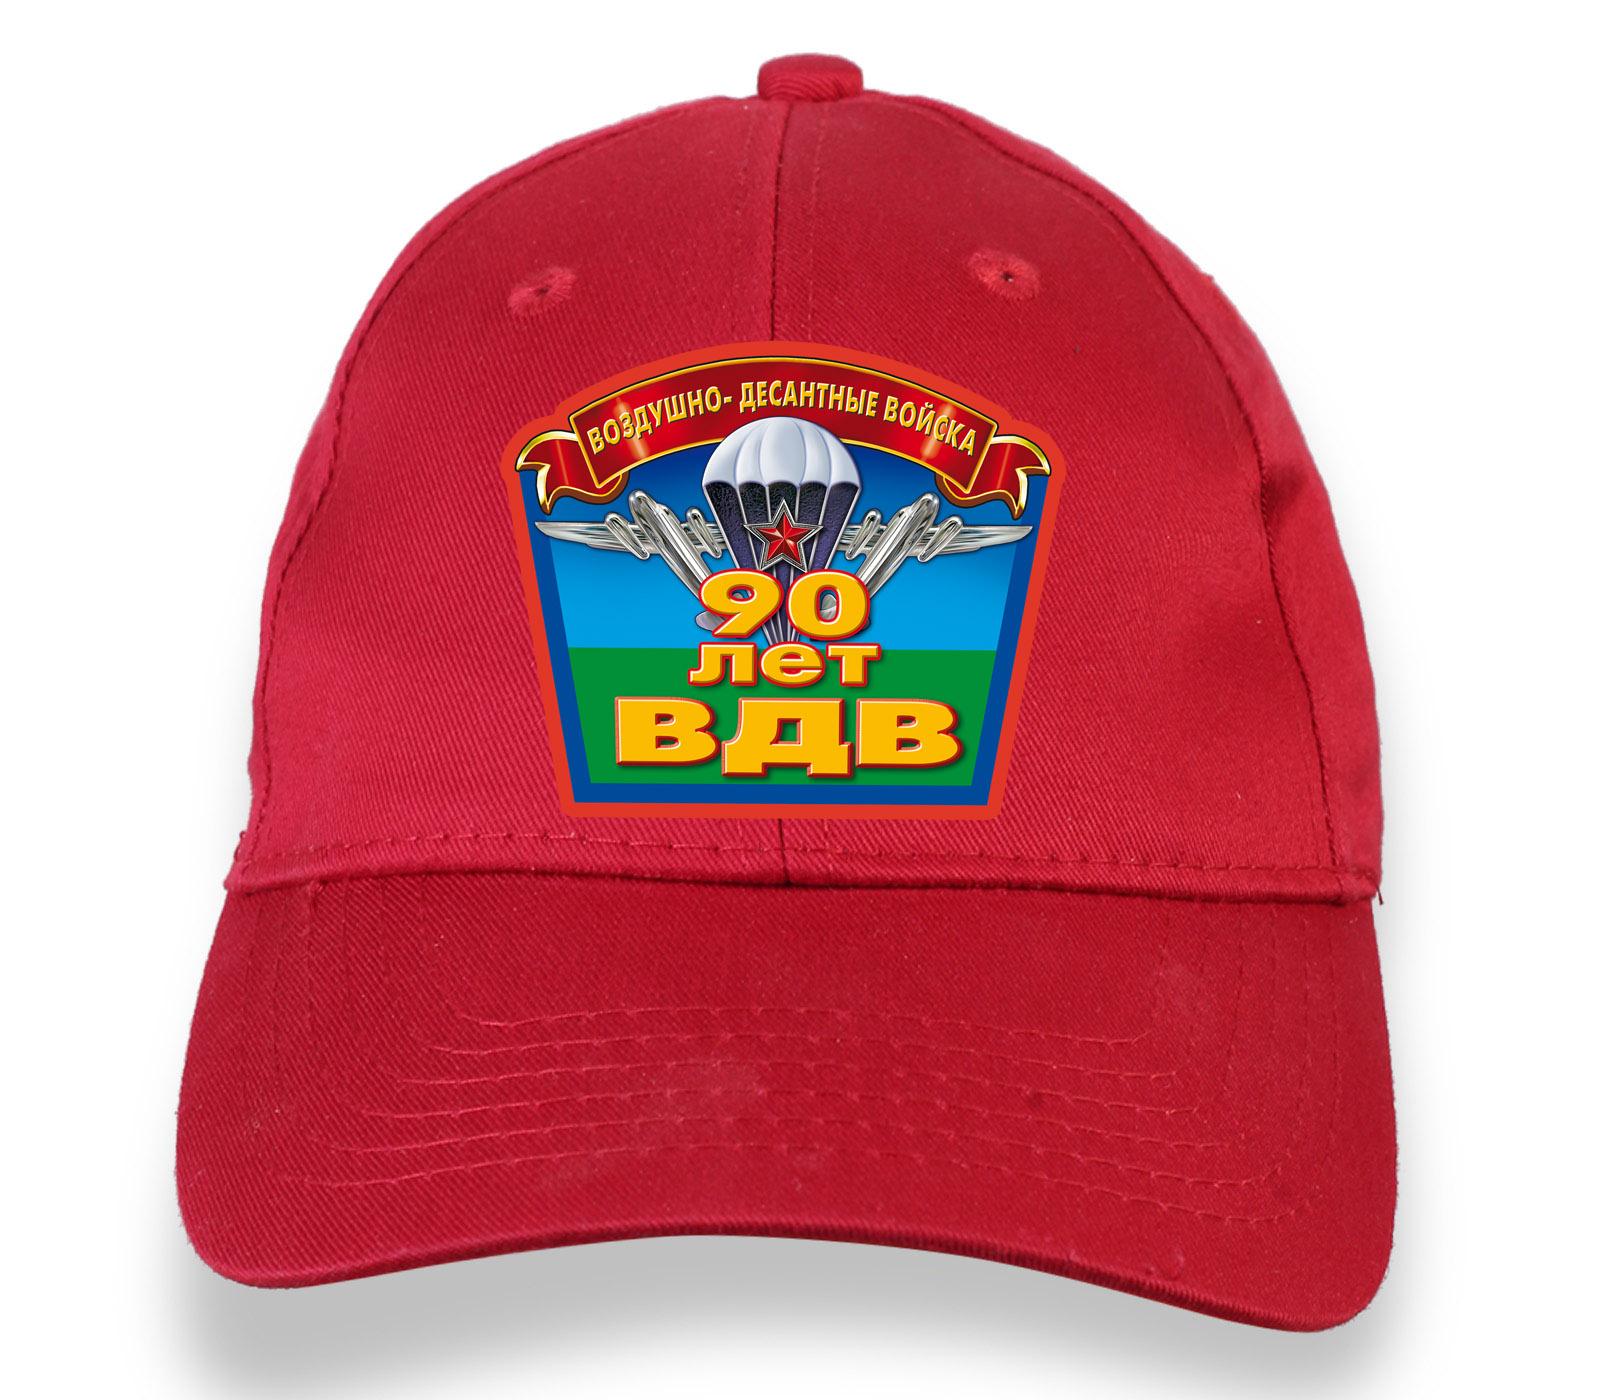 Купить летнюю красную бейсболку с термонаклейкой 90 лет ВДВ оптом или в розницу